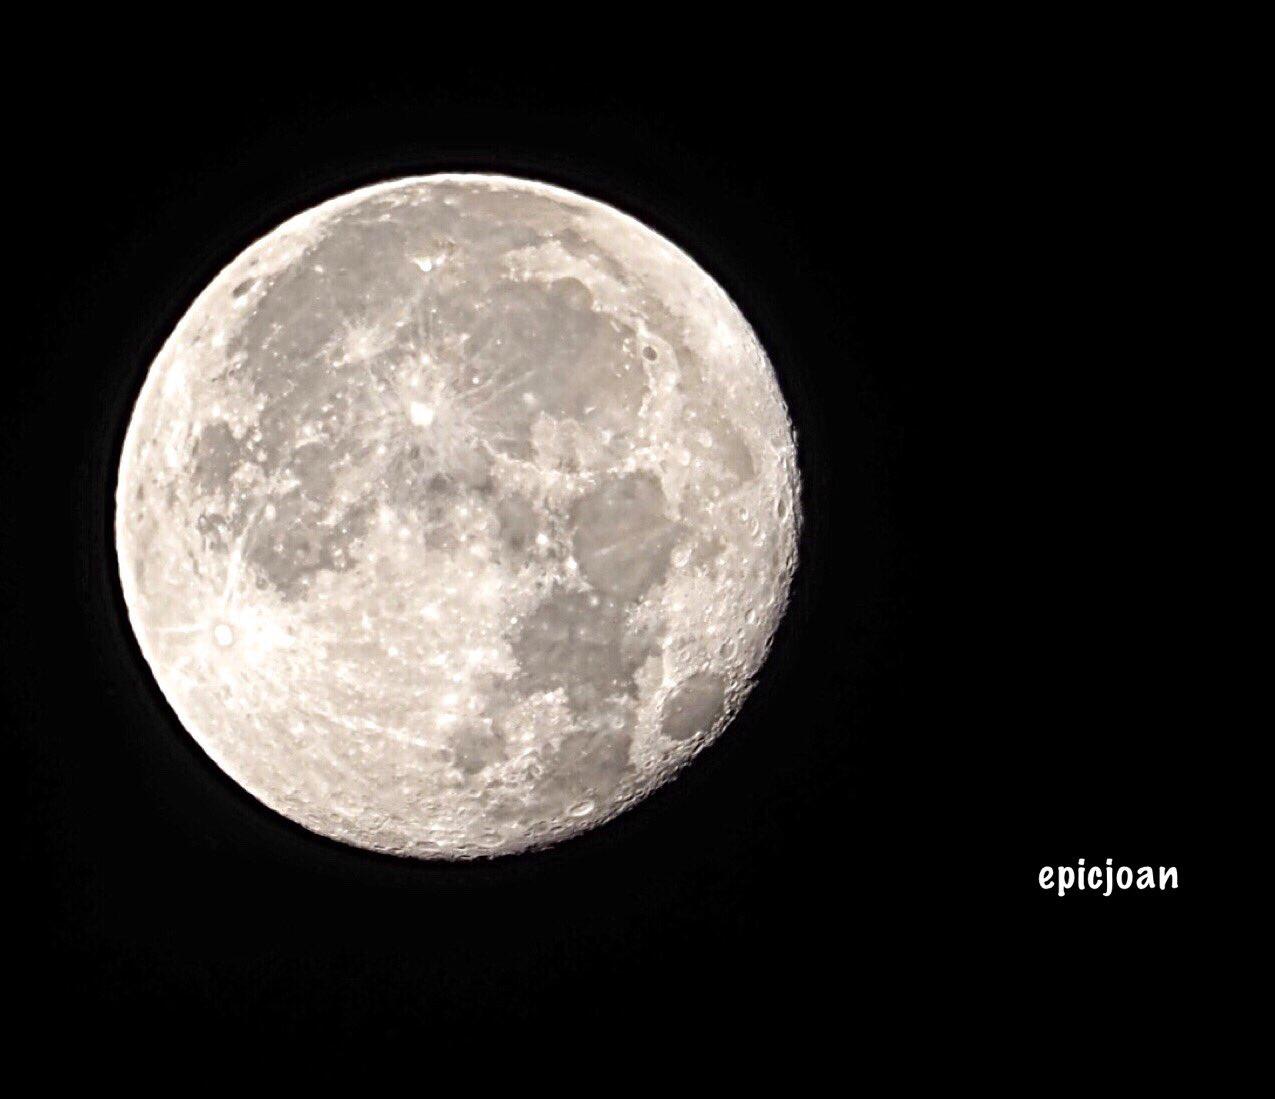 RT @epicjoan1: Arenys de Munt, la lluna comença a minvar aquesta matinada a les 05:45 @El_Universo_Hoy @estelsiplanetes #cielosESA @MeteoAdM @BCNmeteo @SoniaPapell @SergiLoras @AlfredRPico @PepJordana @OlympusUK @esolympus @BonaSerrat @AASCV https://t.co/orwOE8dauL